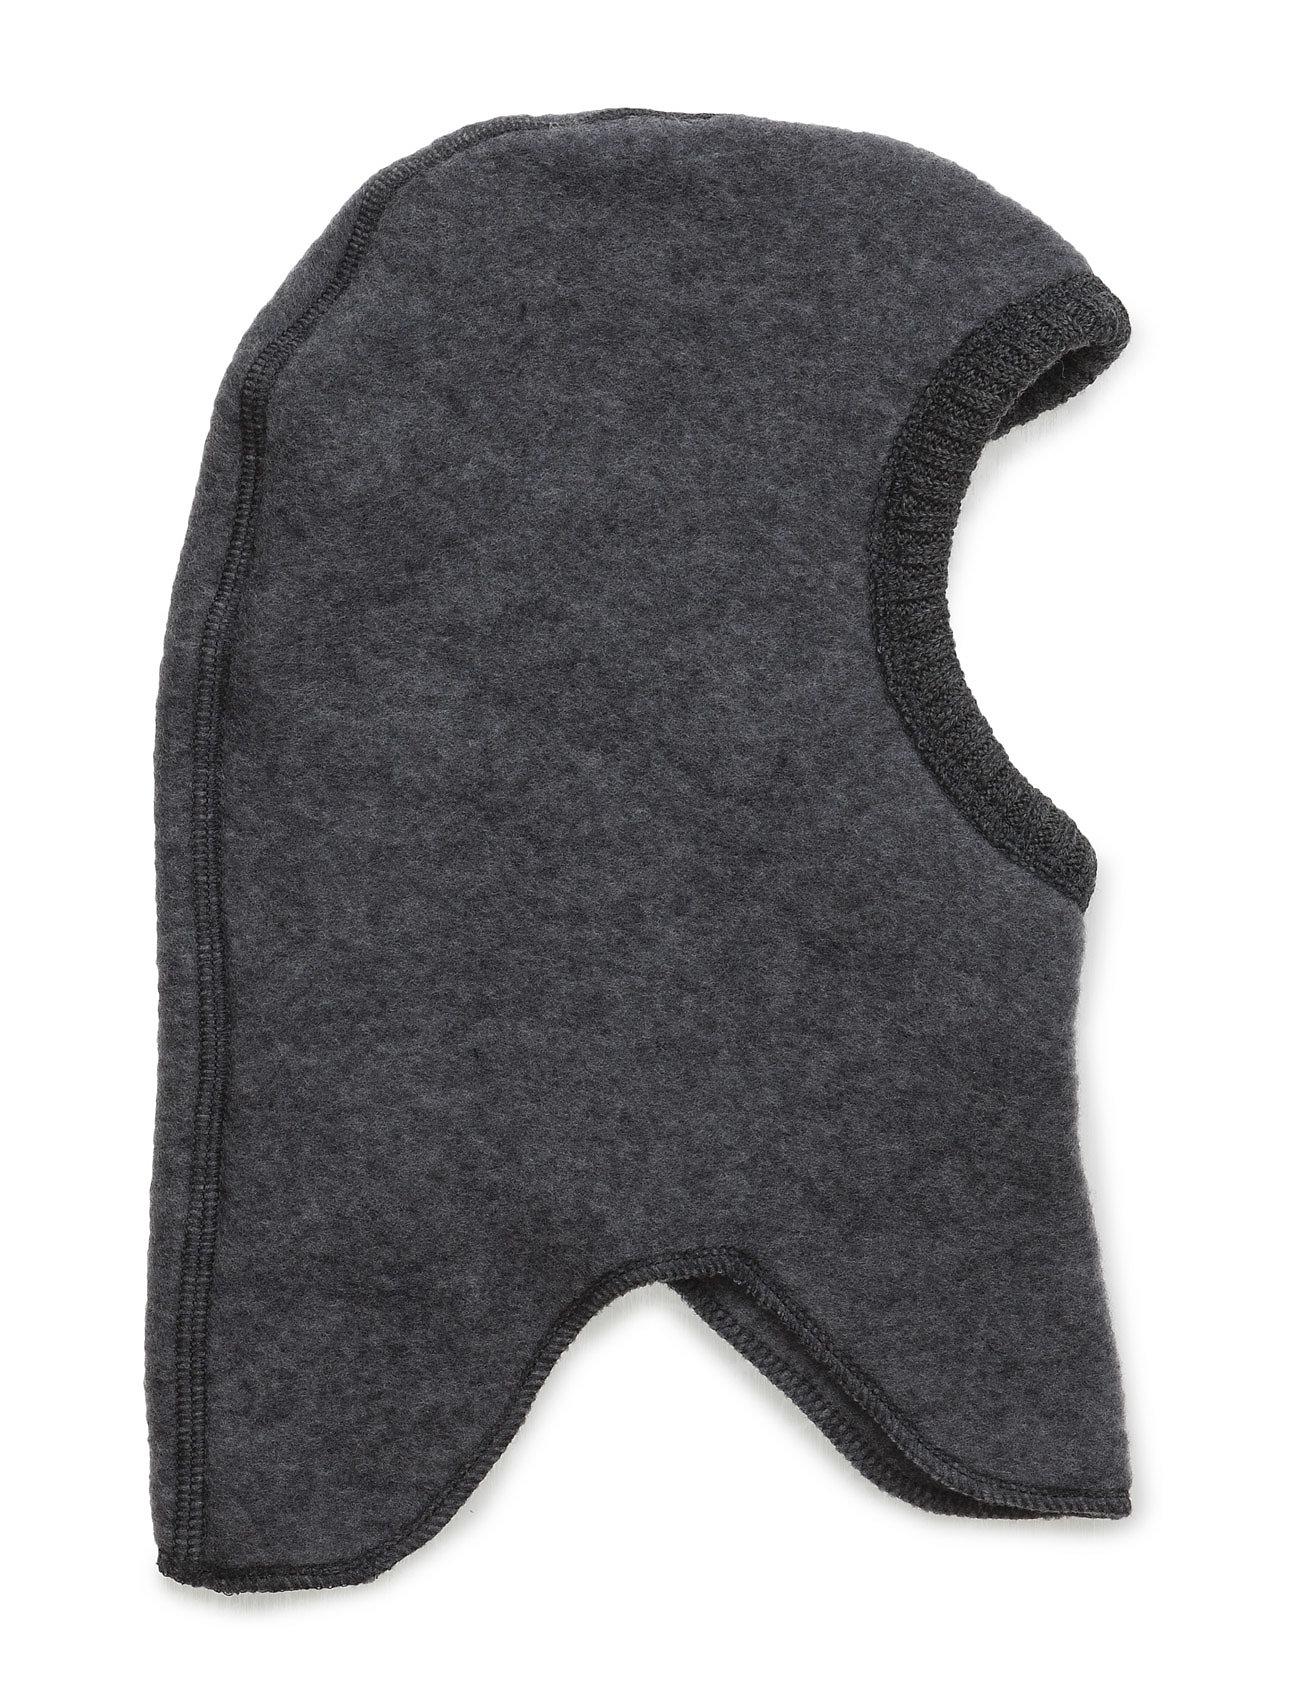 Image of Wool Fullface Hue Grå MIKK-LINE (3123261649)